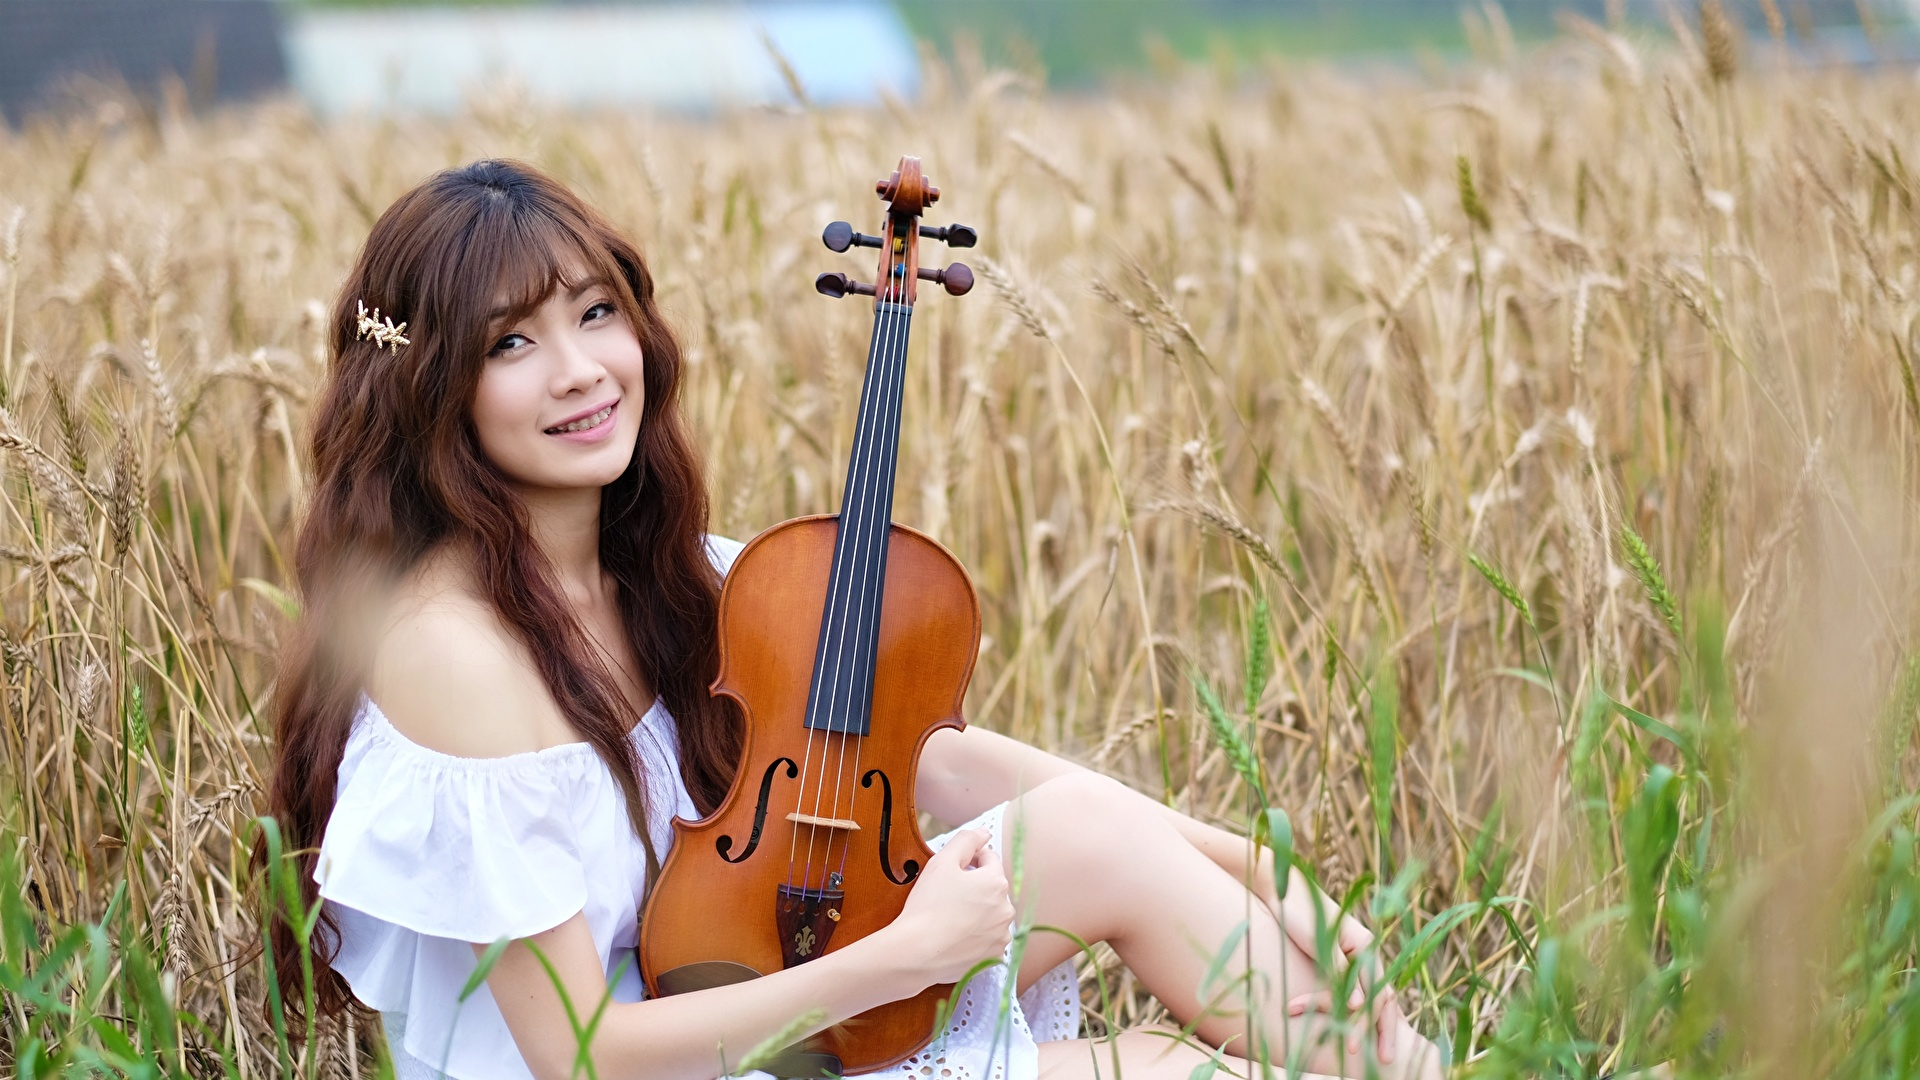 Фото Скрипки шатенки Улыбка Размытый фон молодая женщина Поля Азиаты Сидит смотрят 1920x1080 скрипка Шатенка улыбается боке девушка Девушки молодые женщины азиатки азиатка сидя сидящие Взгляд смотрит